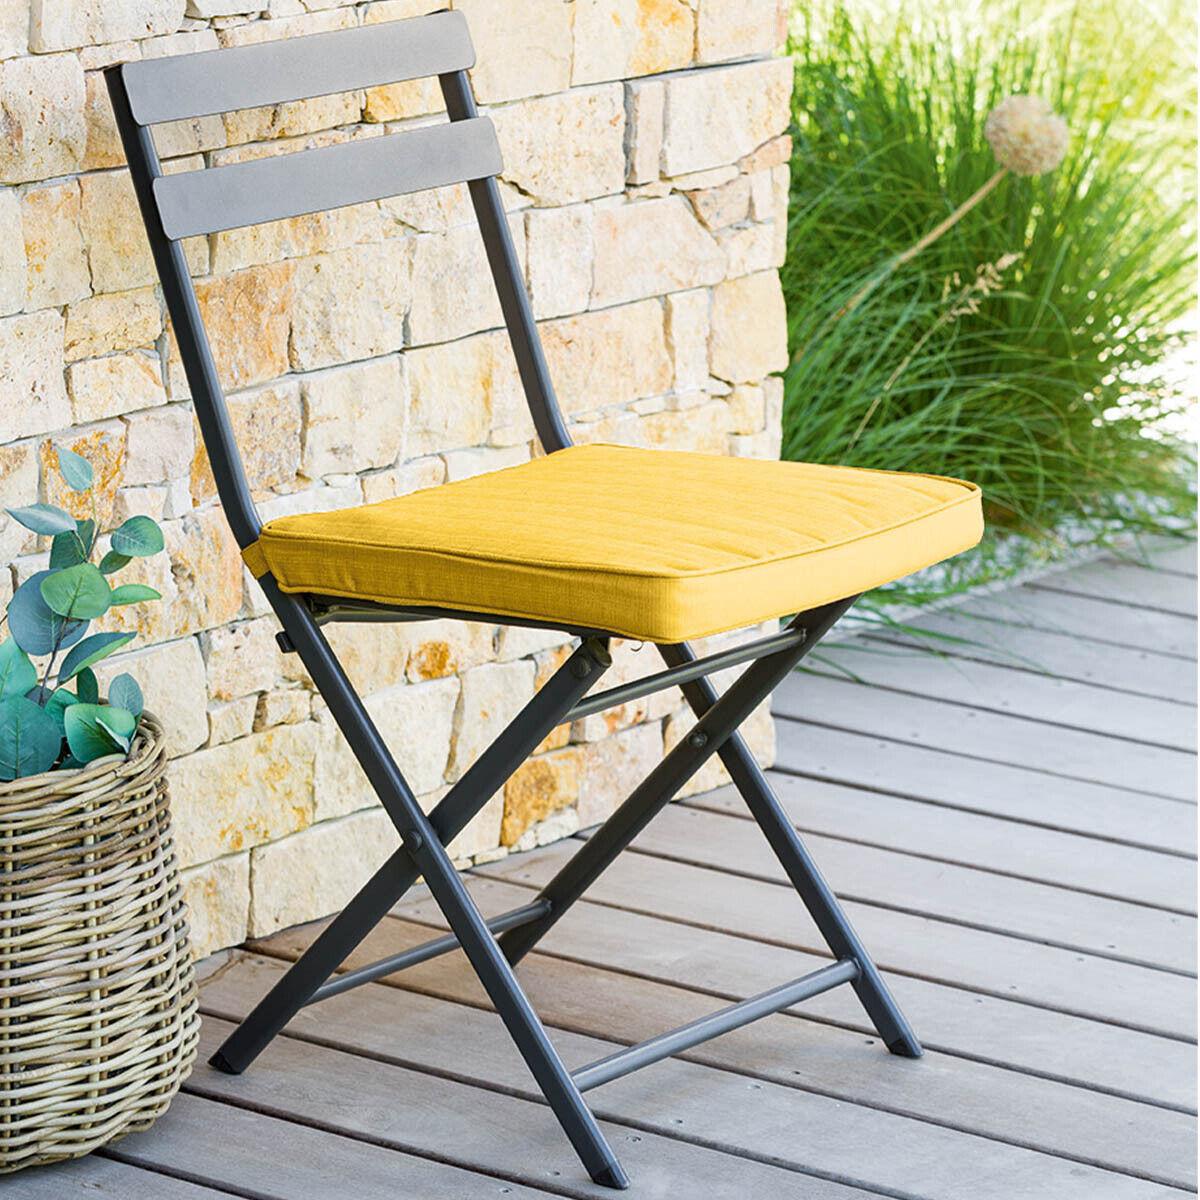 Hespéride Galette de chaise carrée Jaune moutarde Jardin